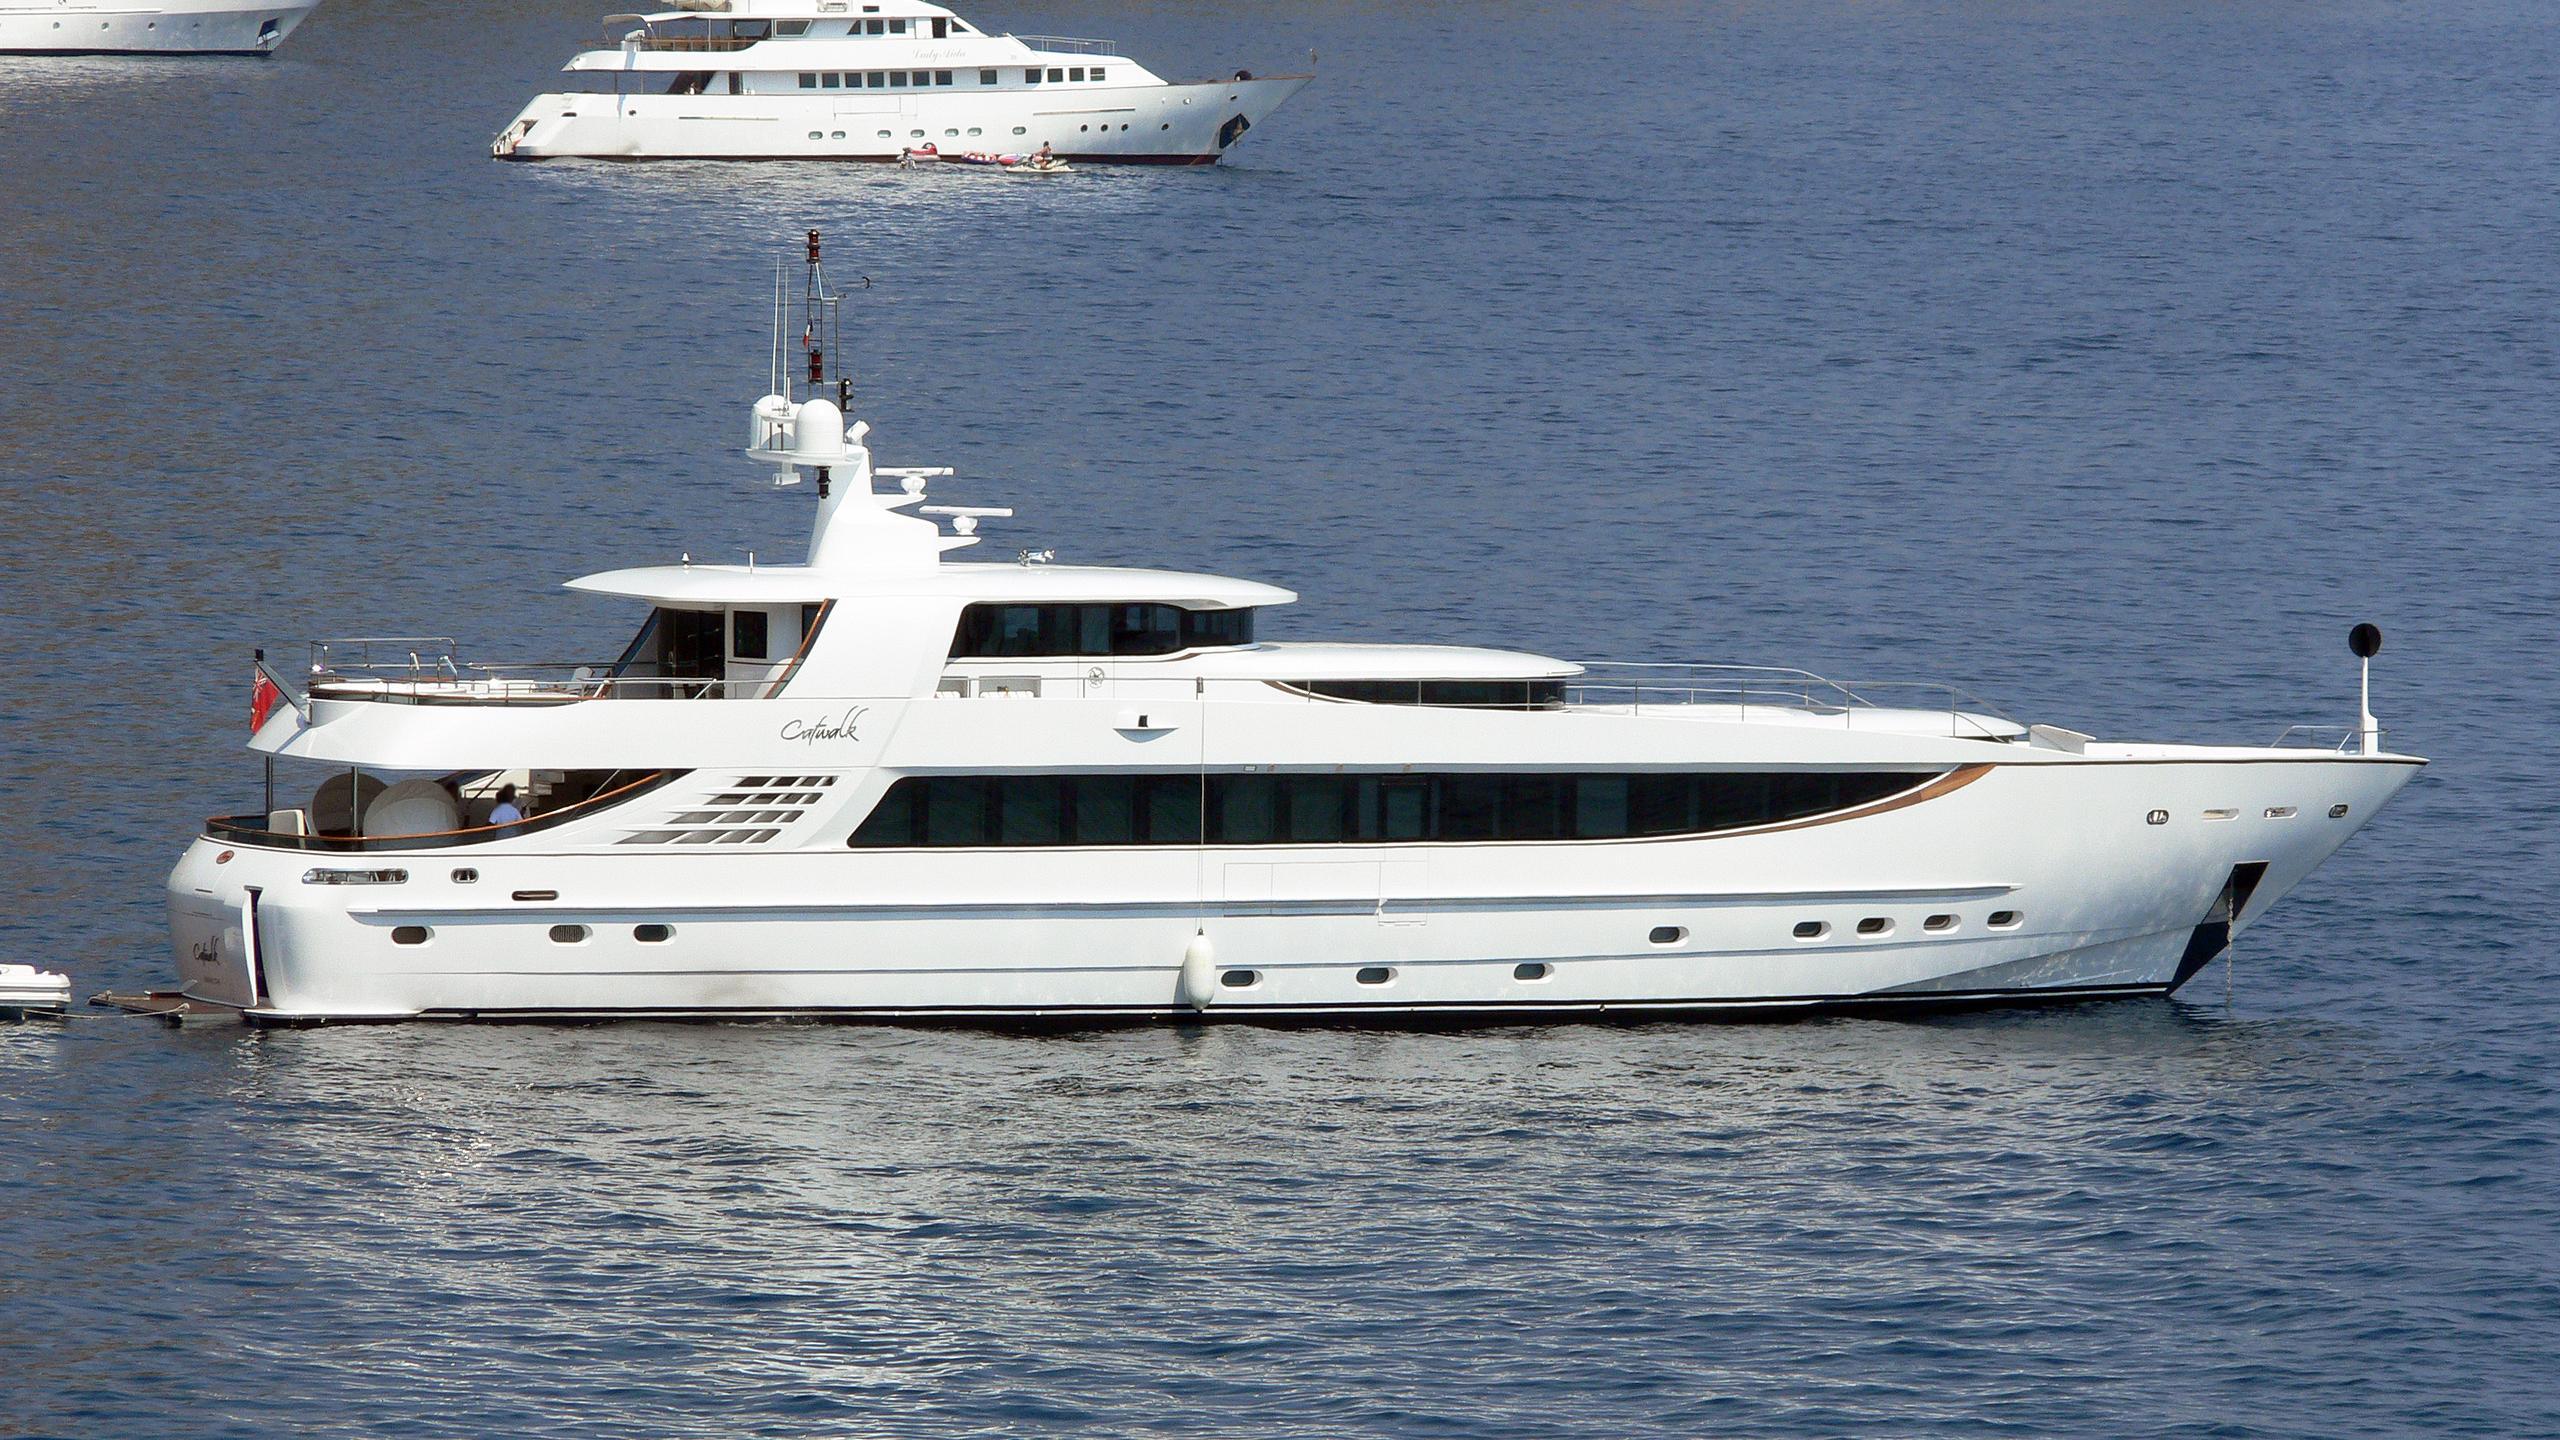 seva-motor-yacht-kaiserwerft-baron-40-5-2006-41m-profile